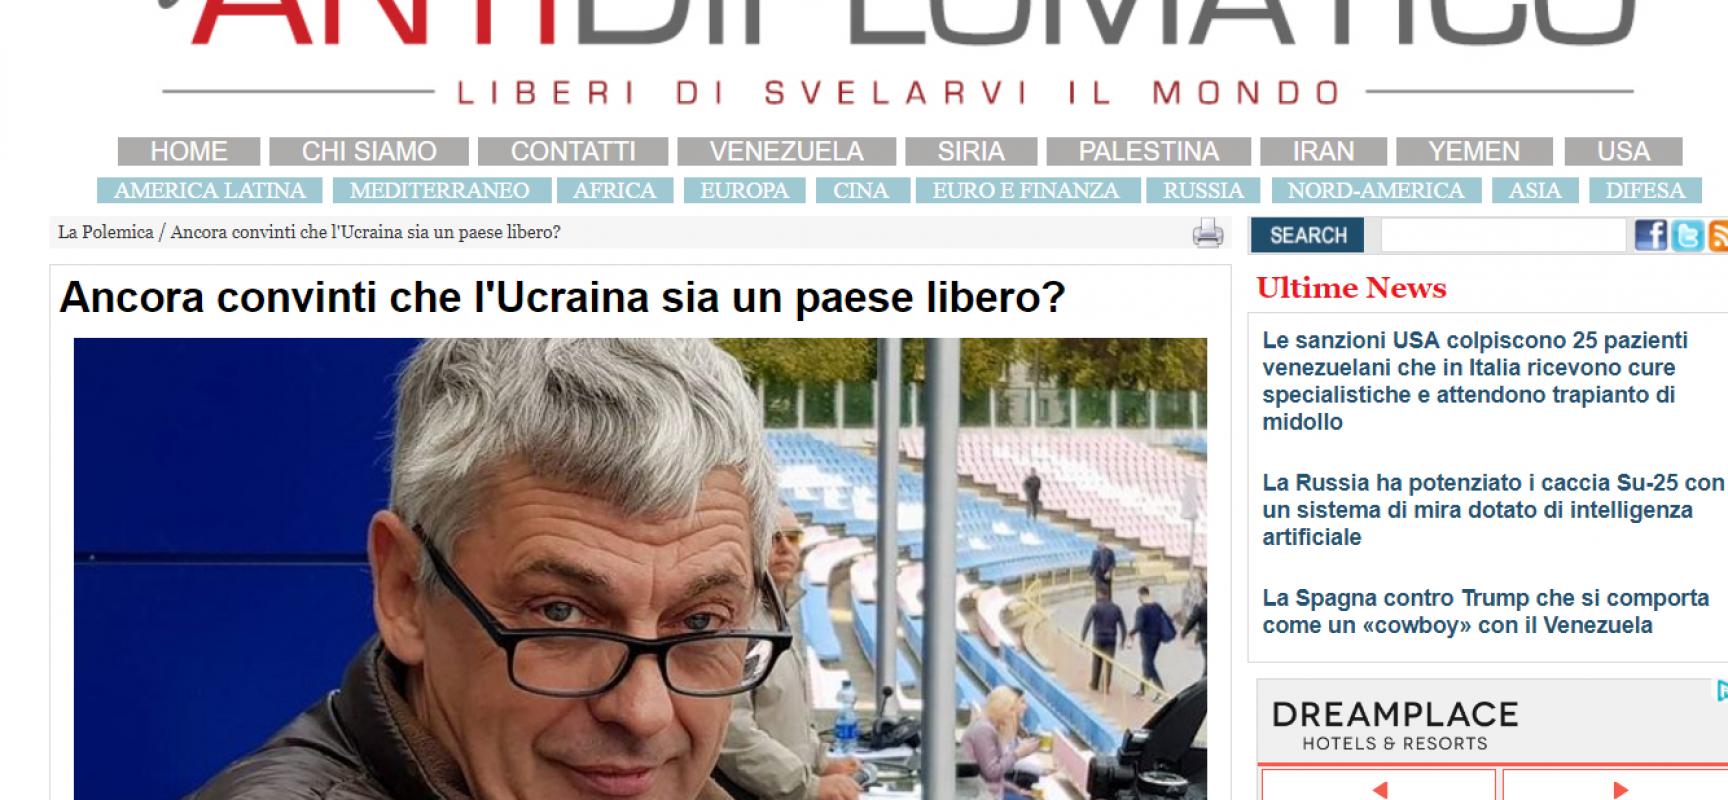 Fake: Ancora convinti che l'Ucraina sia un paese libero?